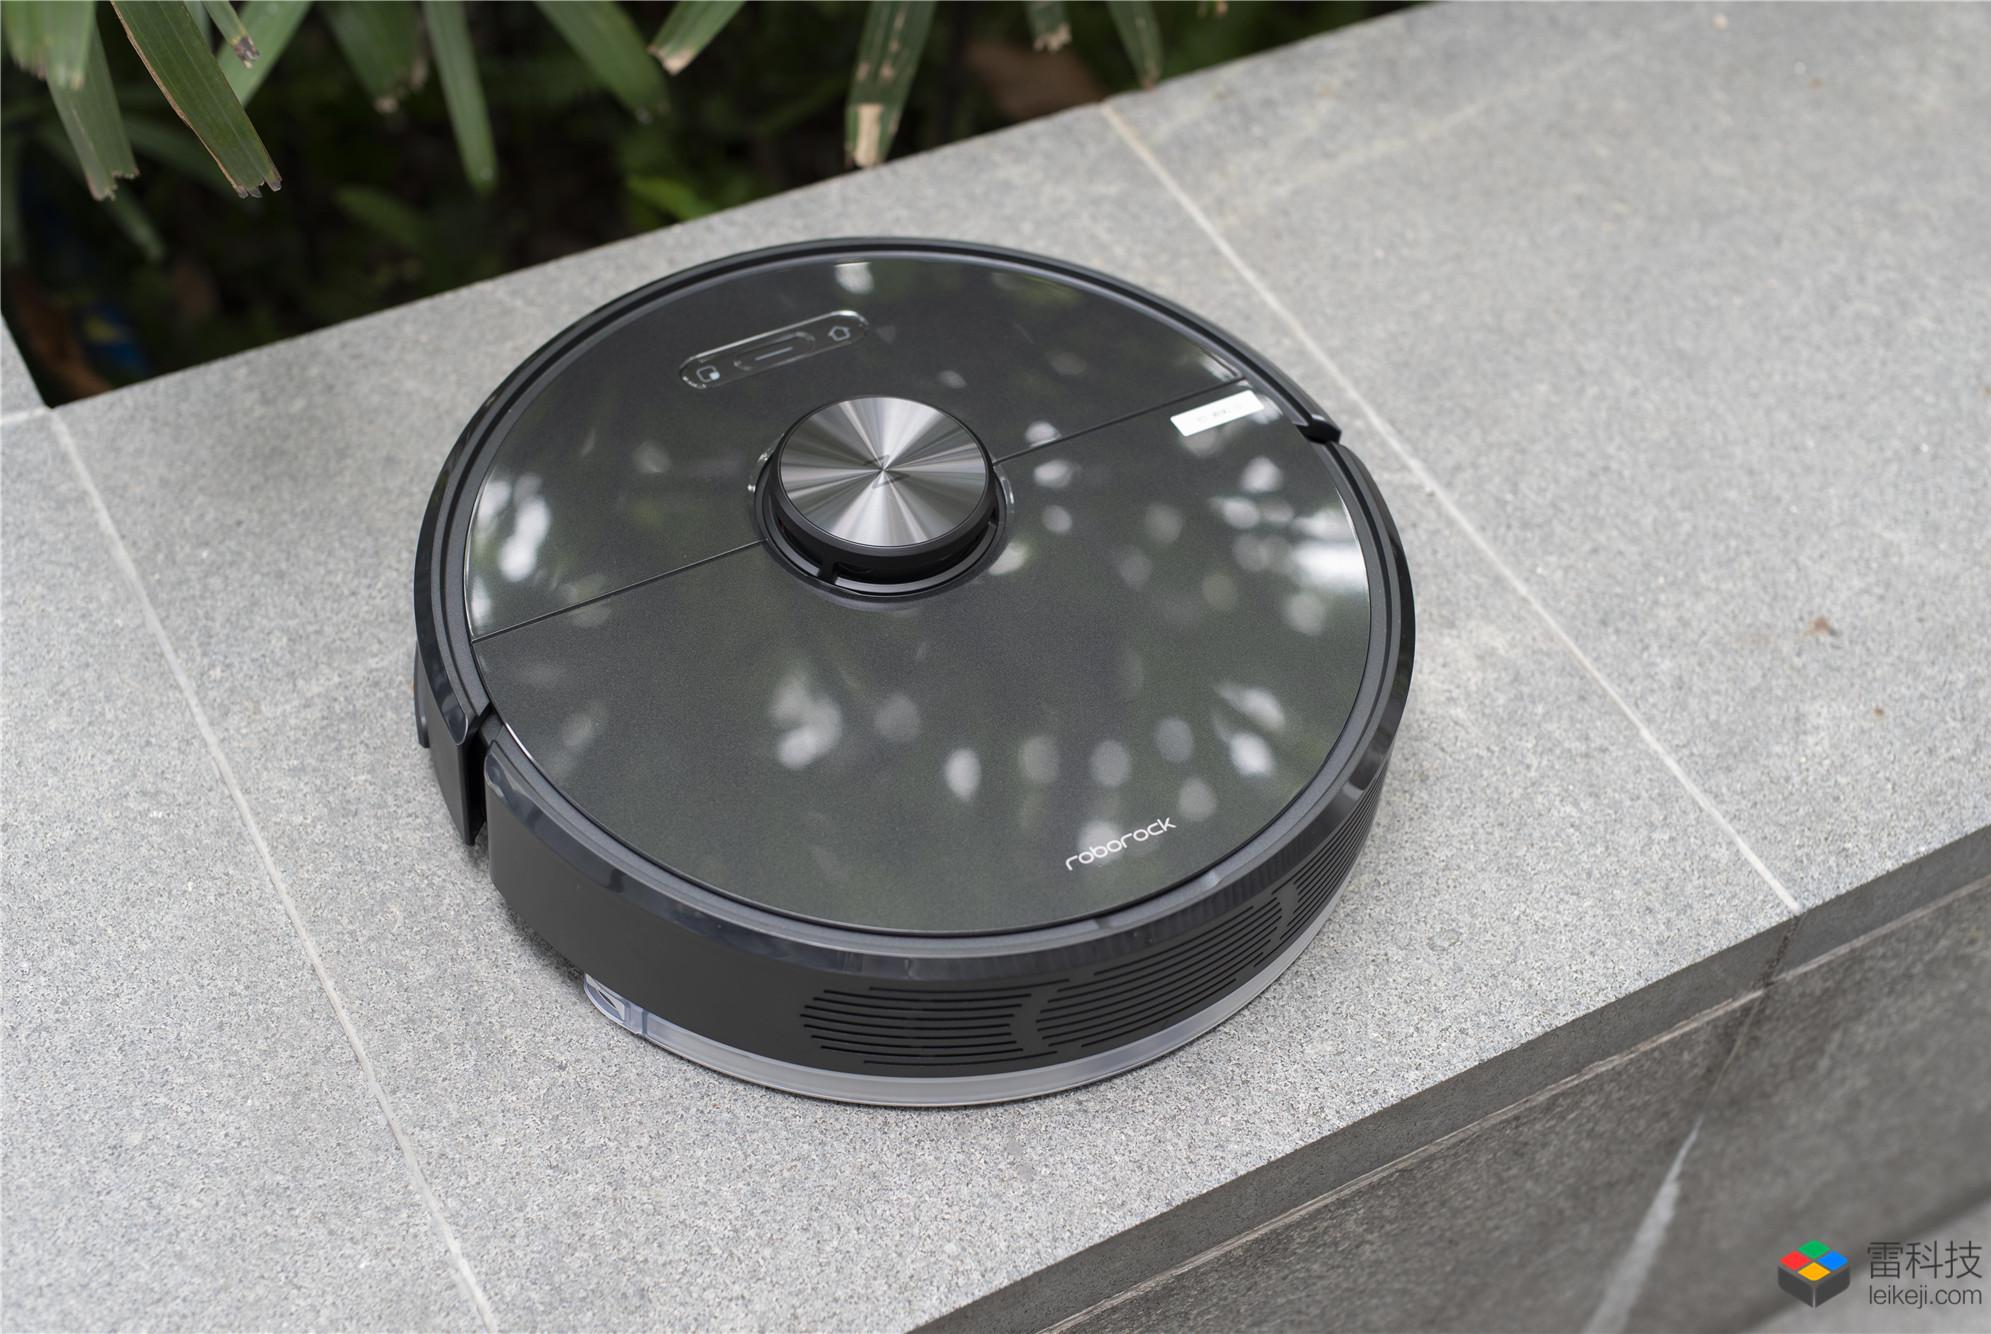 石头扫地机器人T6评测:智能性再进一步,表现令人印象深刻